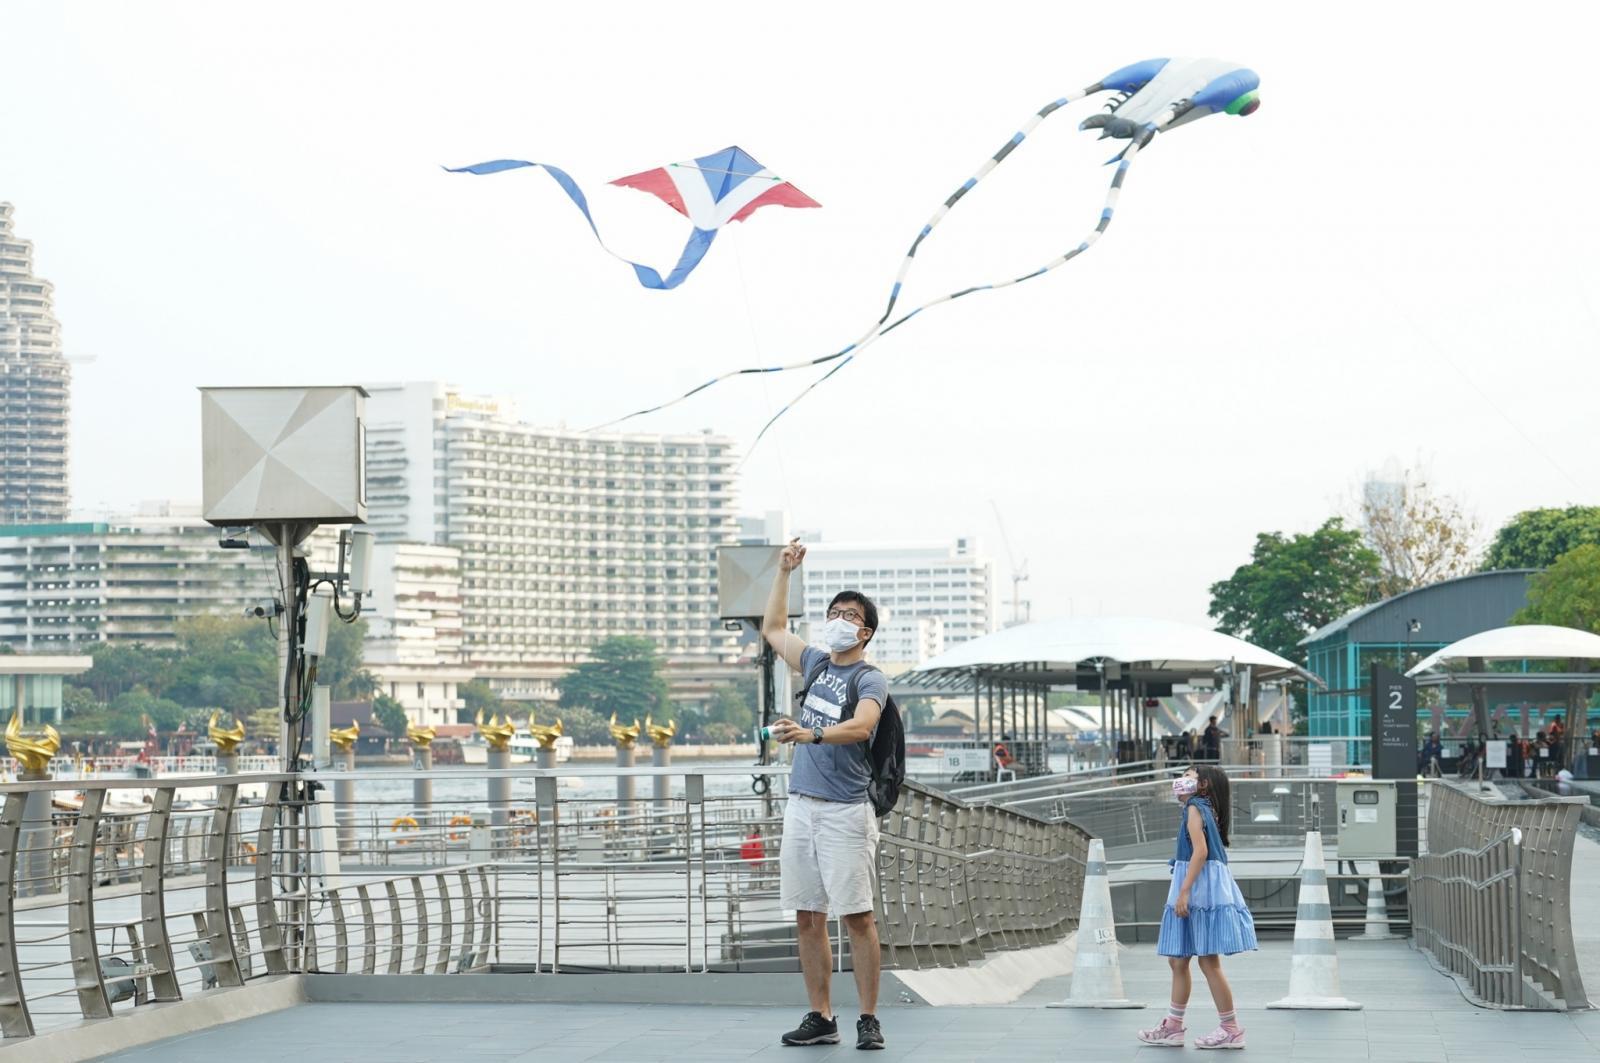 ไอคอนสยาม ชวนสนุกกับ ICONSIAM SUMMER KITE PLAYGROUND เปิดพื้นที่ริเวอร์ พาร์ค จัดกิจกรรมเล่นว่าว พร้อมชมการแสดงจากนักบินว่าวระดับนานาชาติ